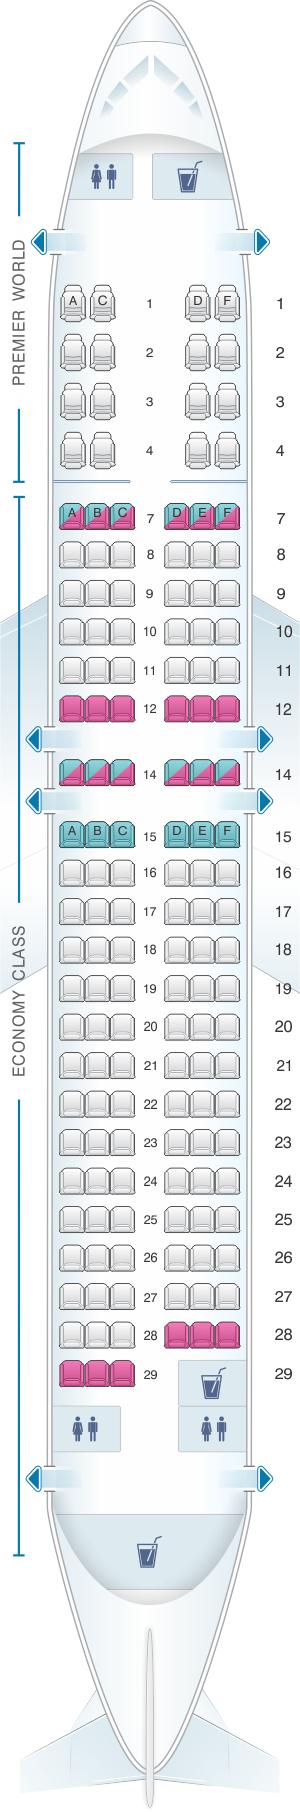 Seat map for Kenya Airways Boeing B737 800